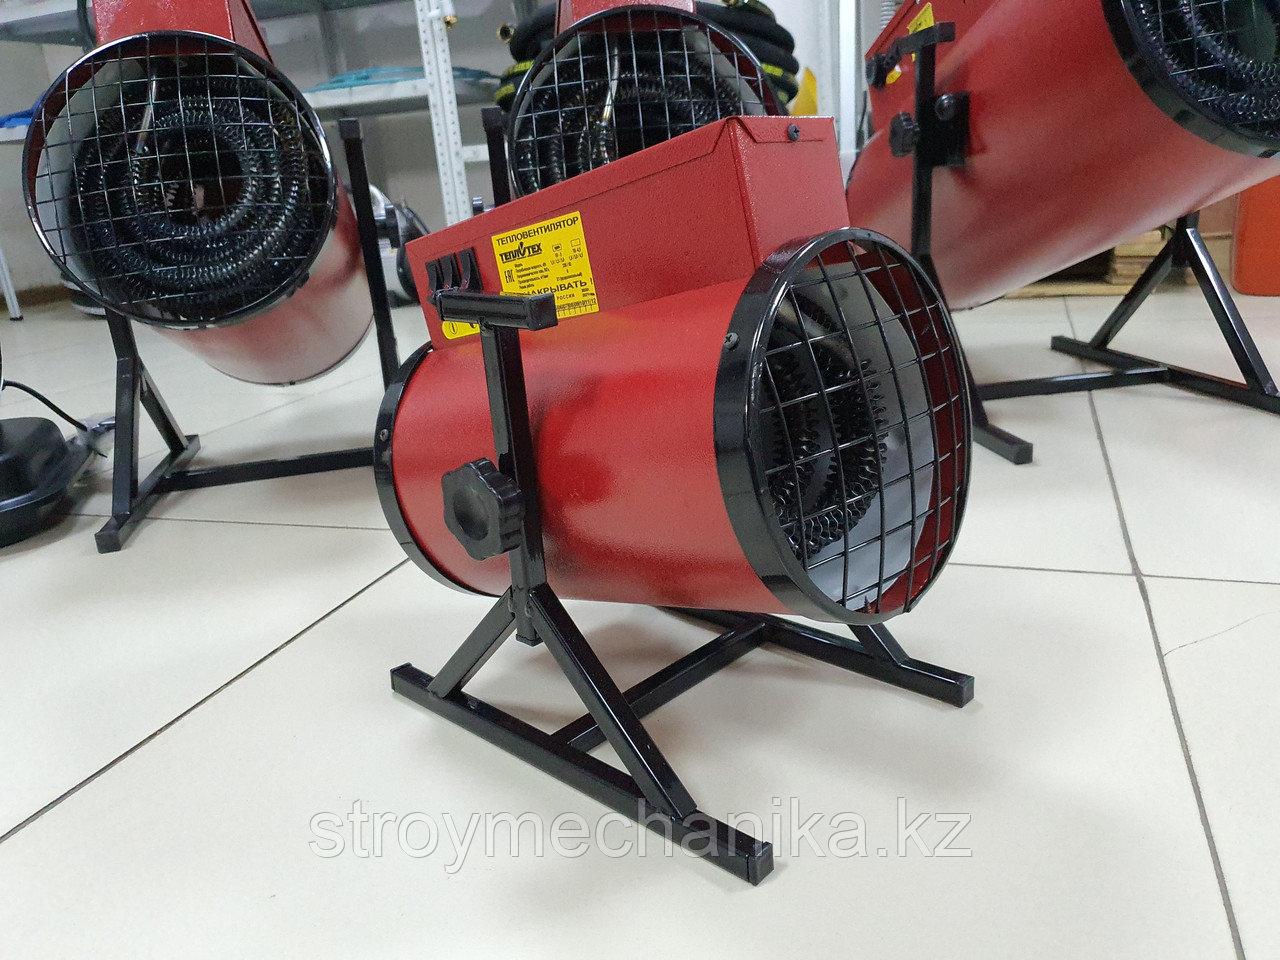 Тепловентилятор электрический ТВ-4,5 (1.5 кВт / 3 кВт,/ 4.5 кВт)